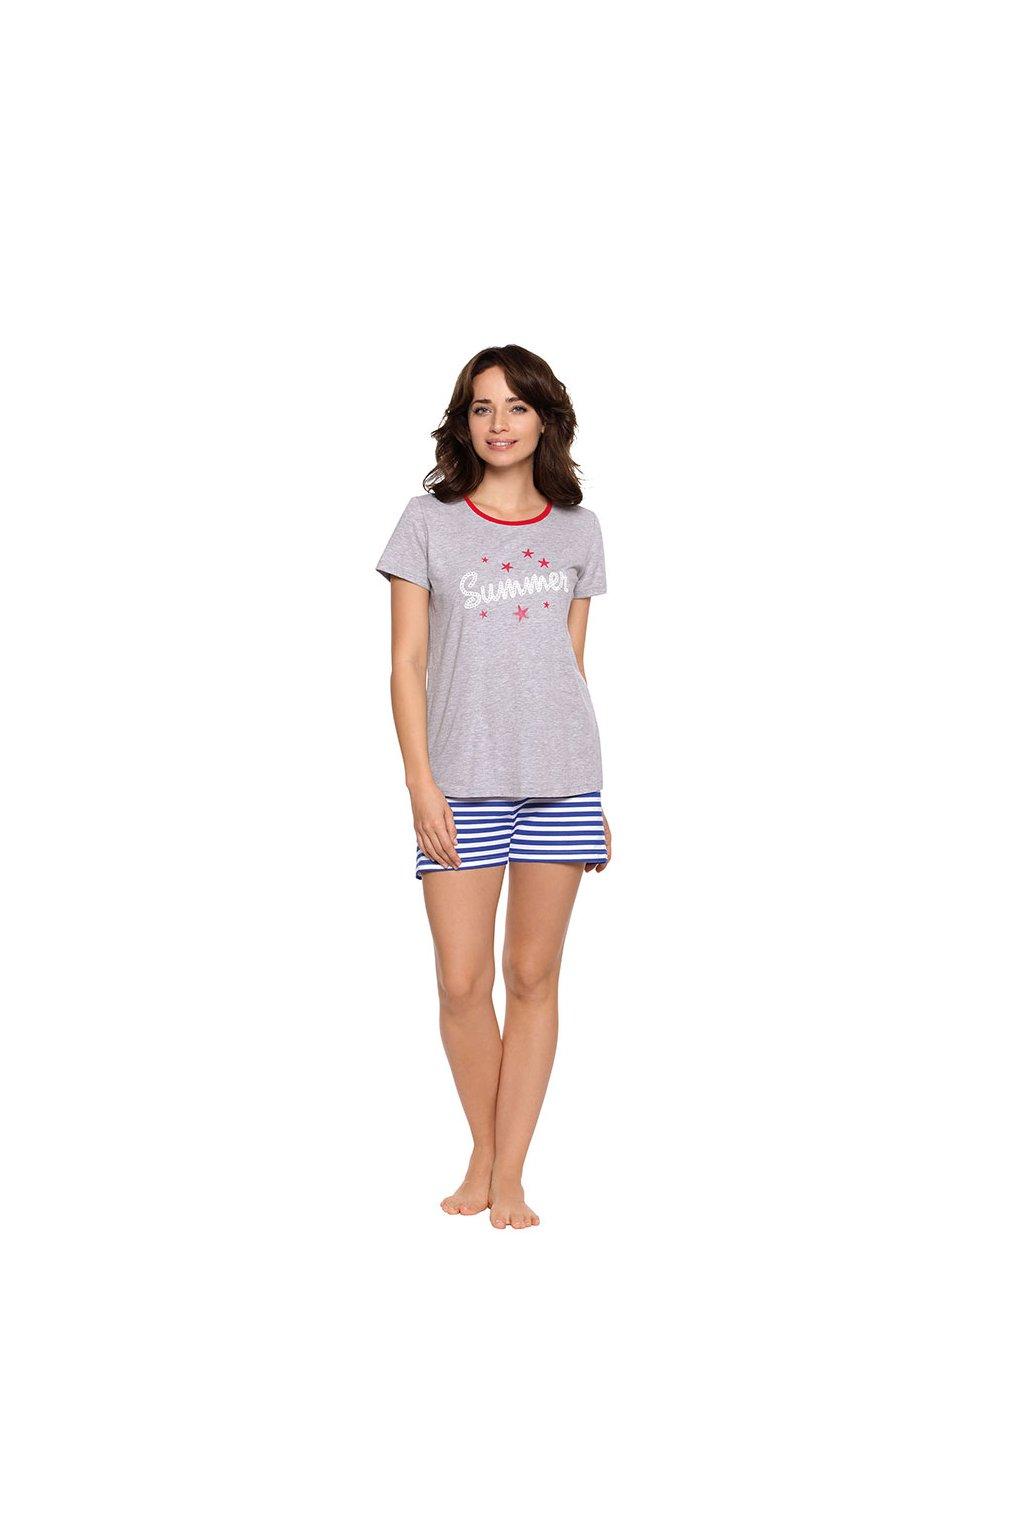 Dámské pyžamo s krátkým rukávem, 104474 30, šedá